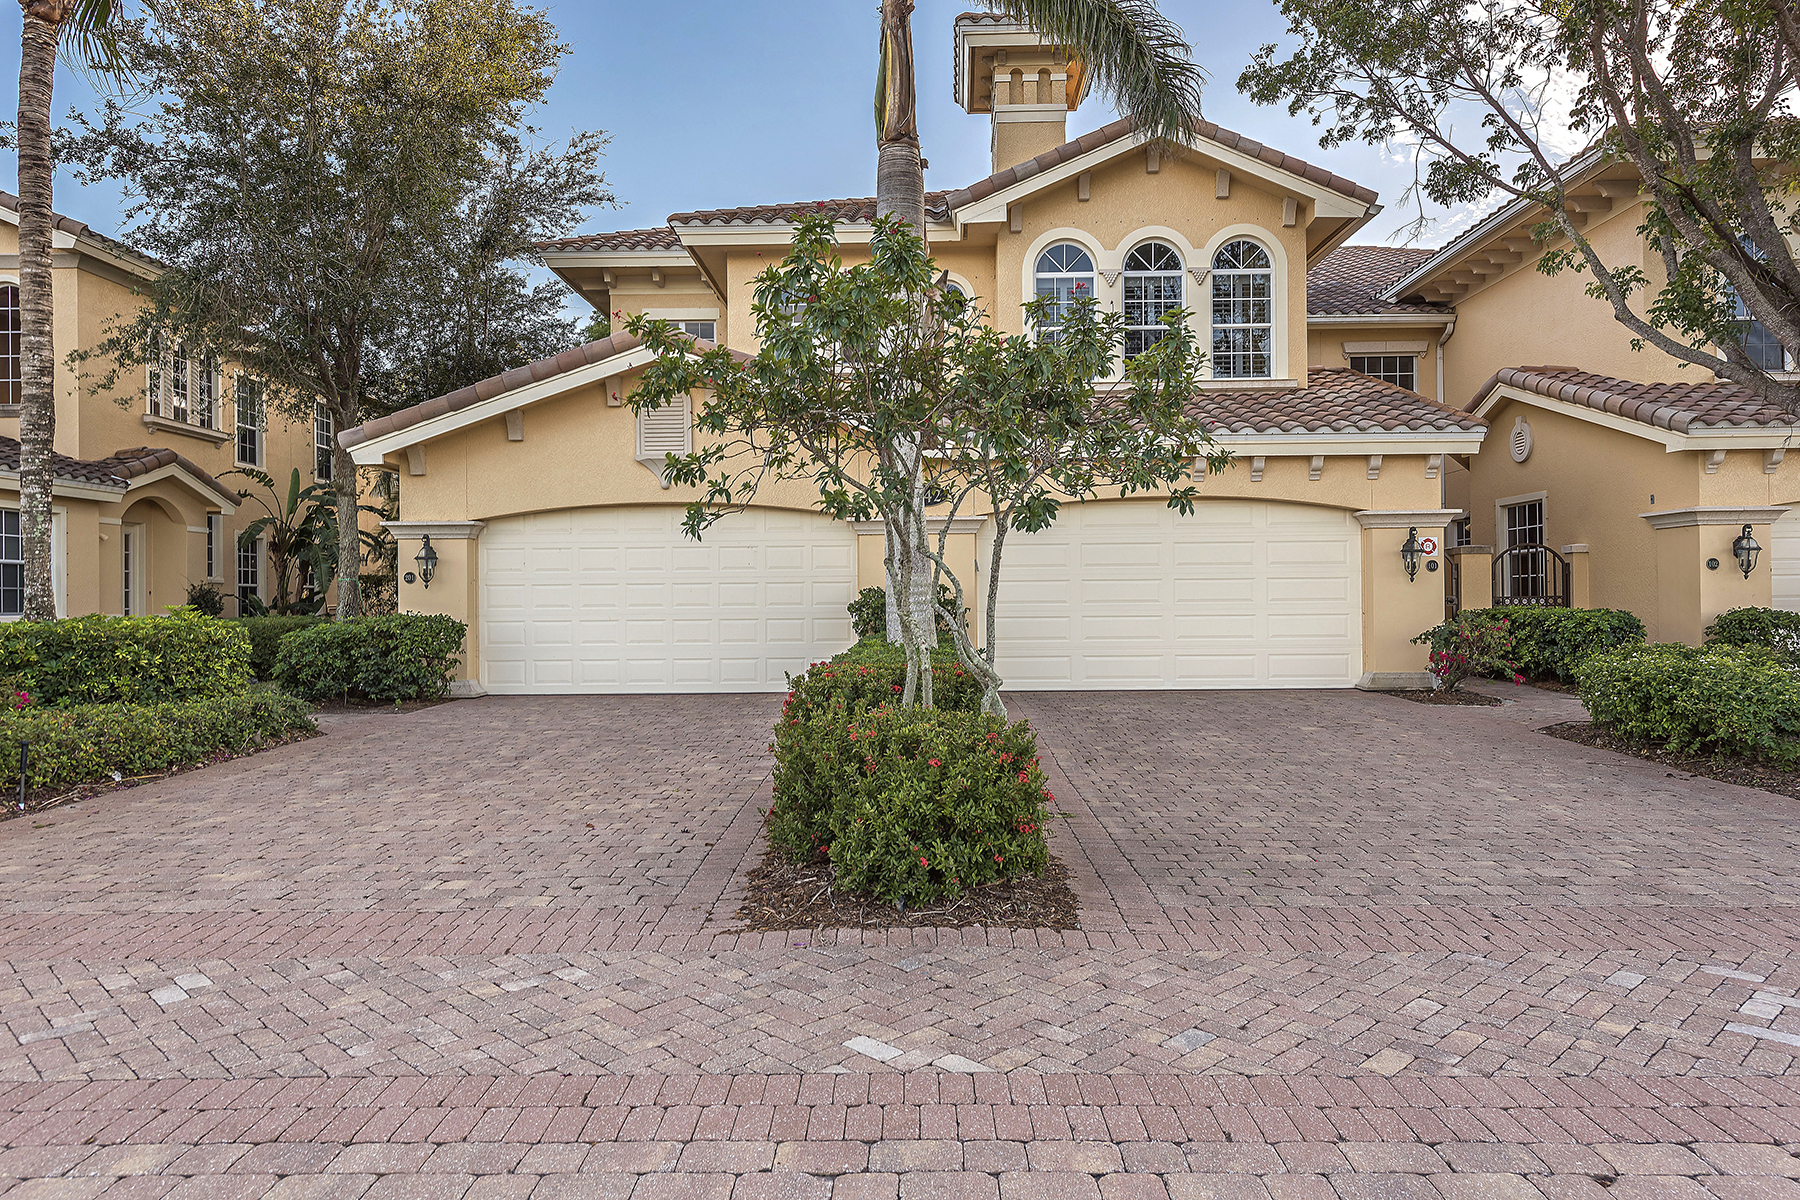 Кондоминиум для того Продажа на FIDDLERS CREEK 9154 Cherry Oaks Ln 202, Naples, Флорида, 34114 Соединенные Штаты